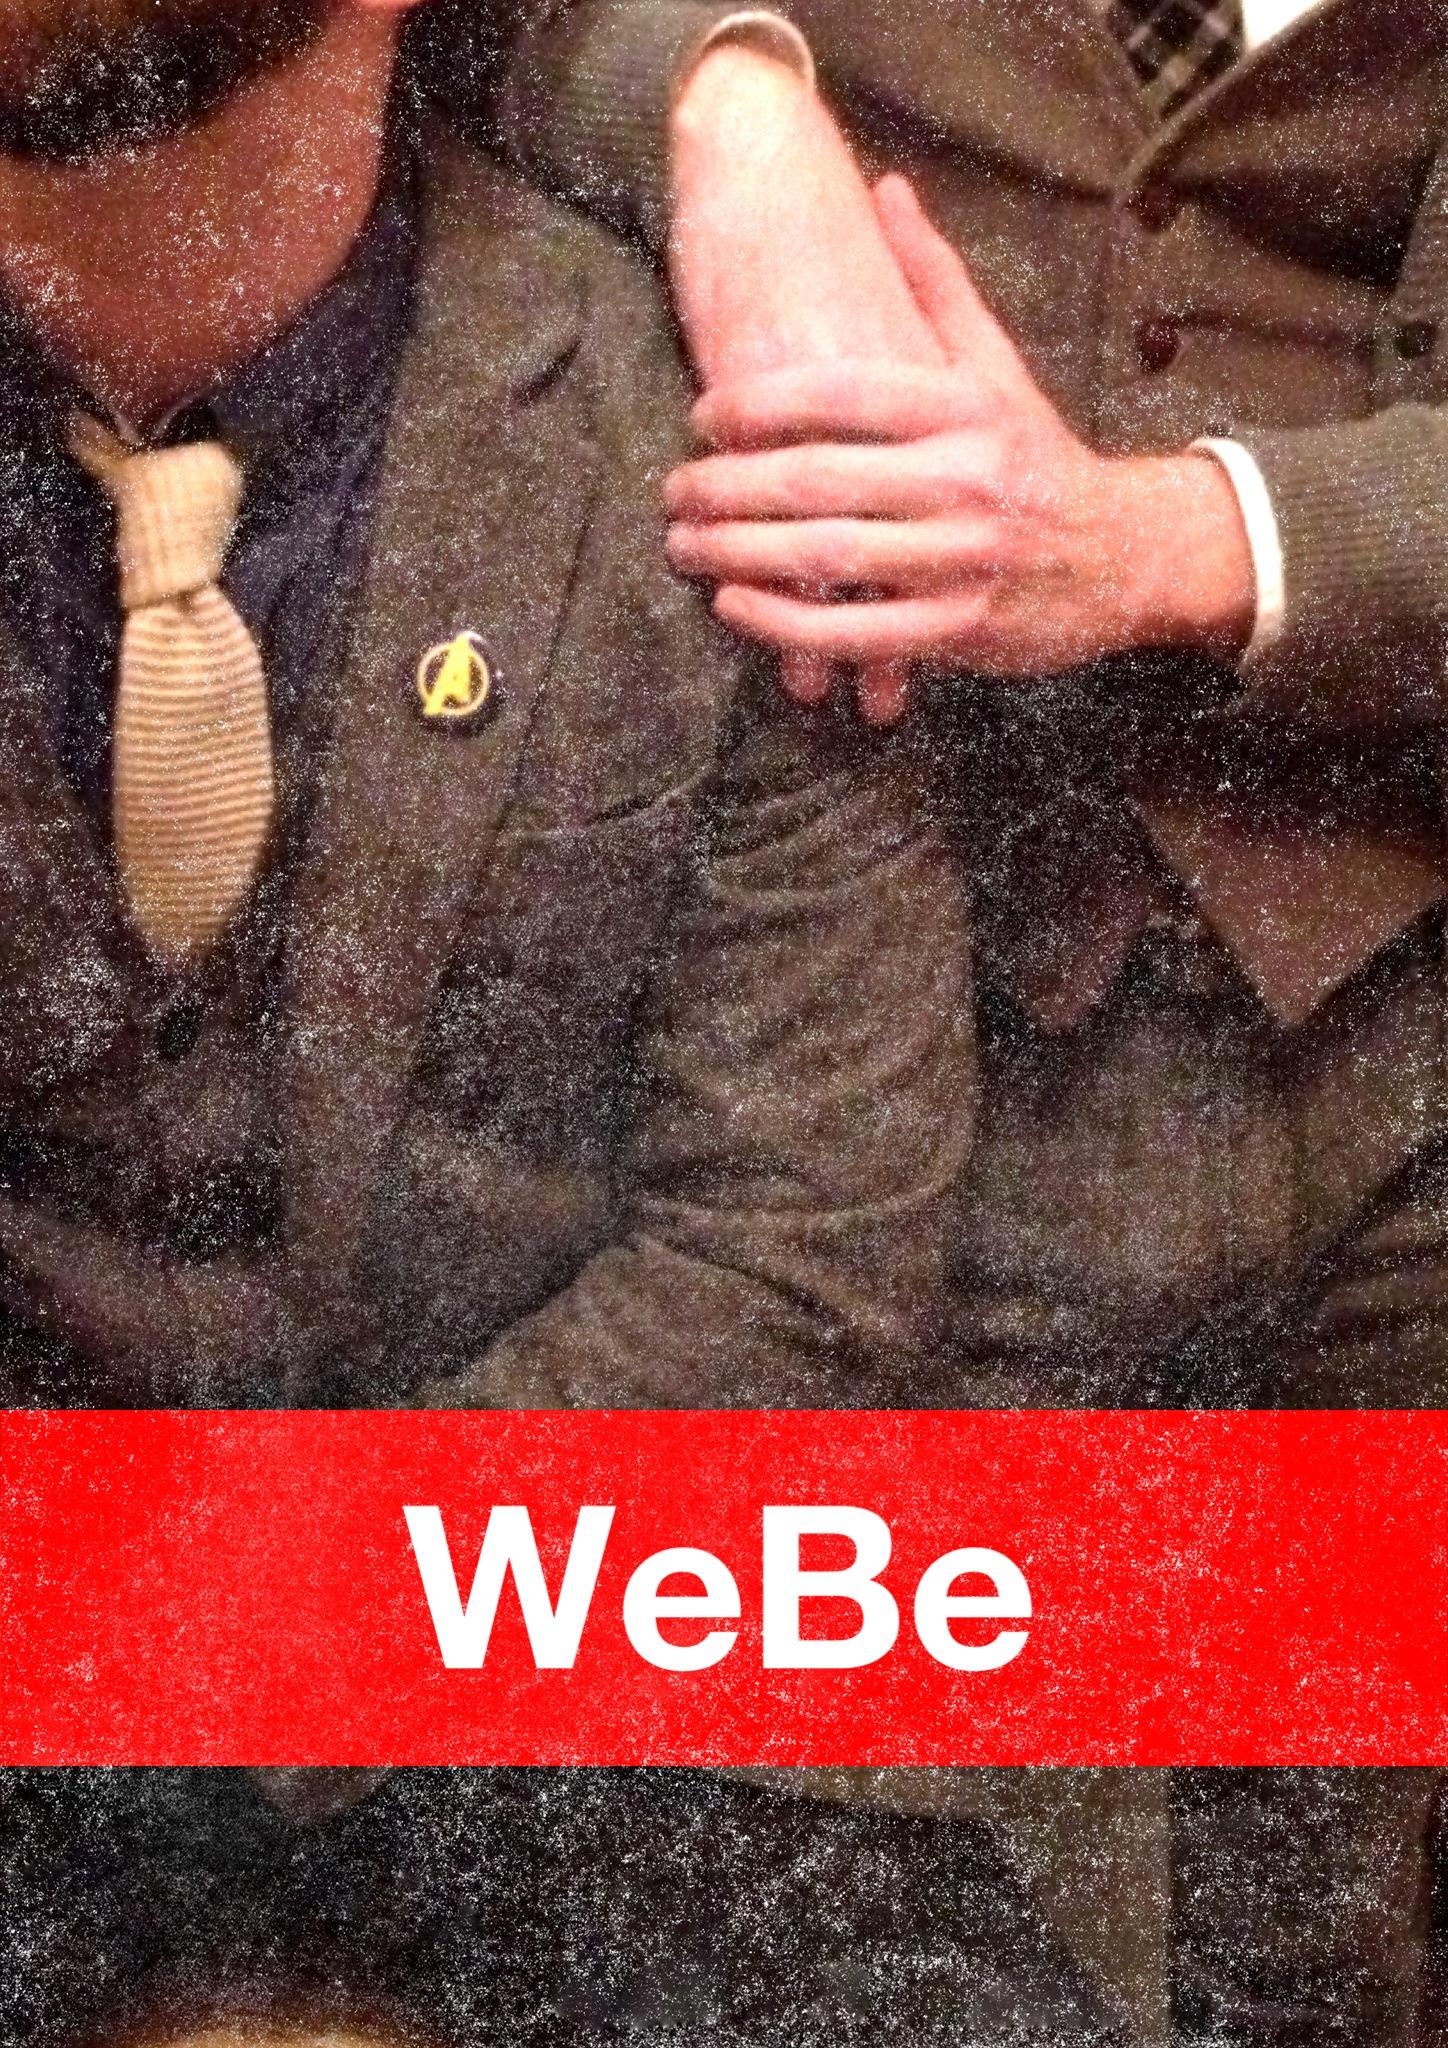 Dapper WeBe - Bulge.jpg